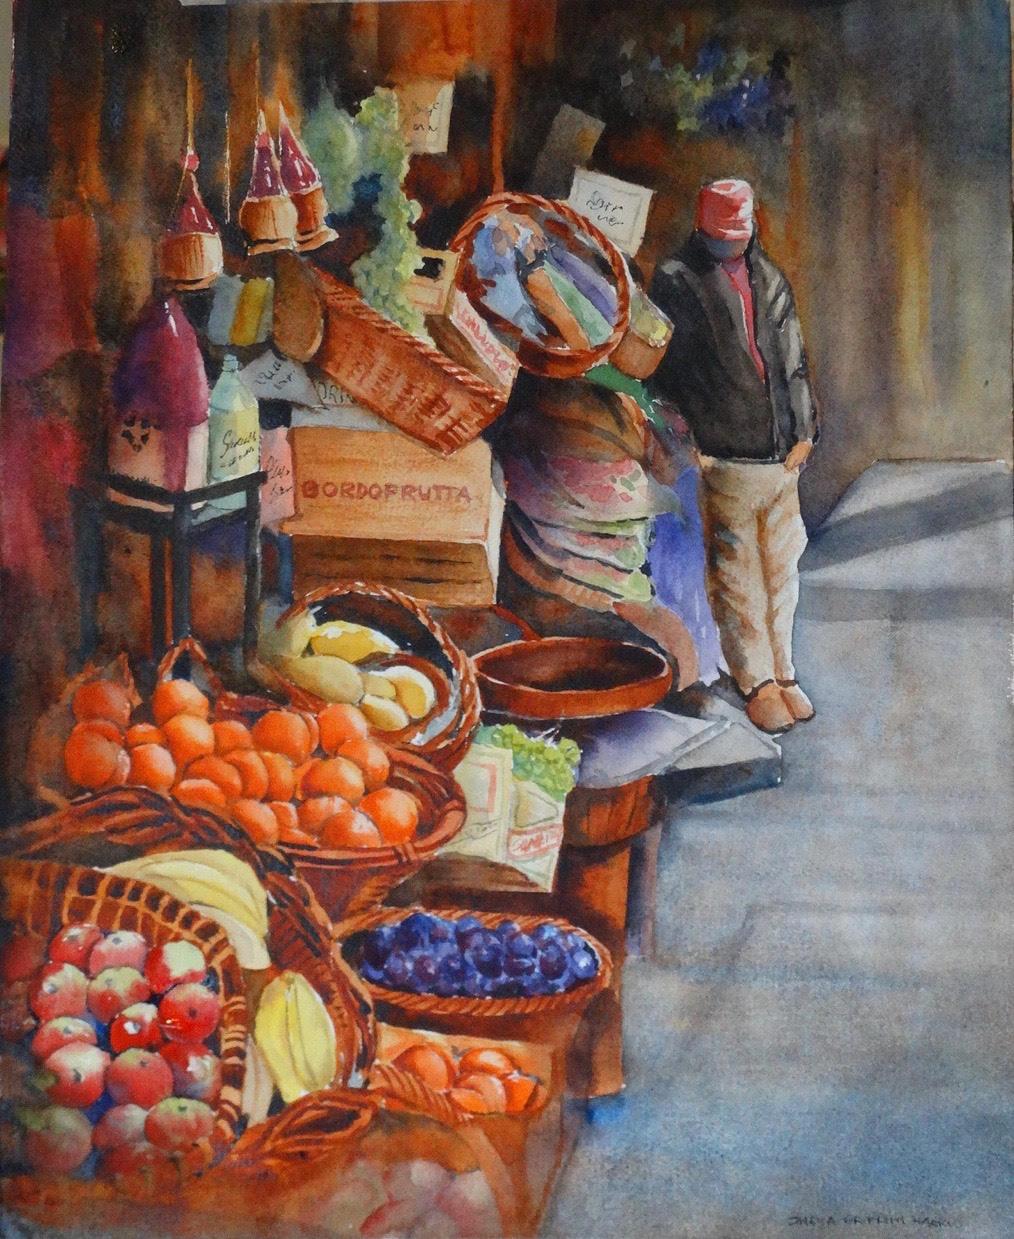 Harris Italian Market